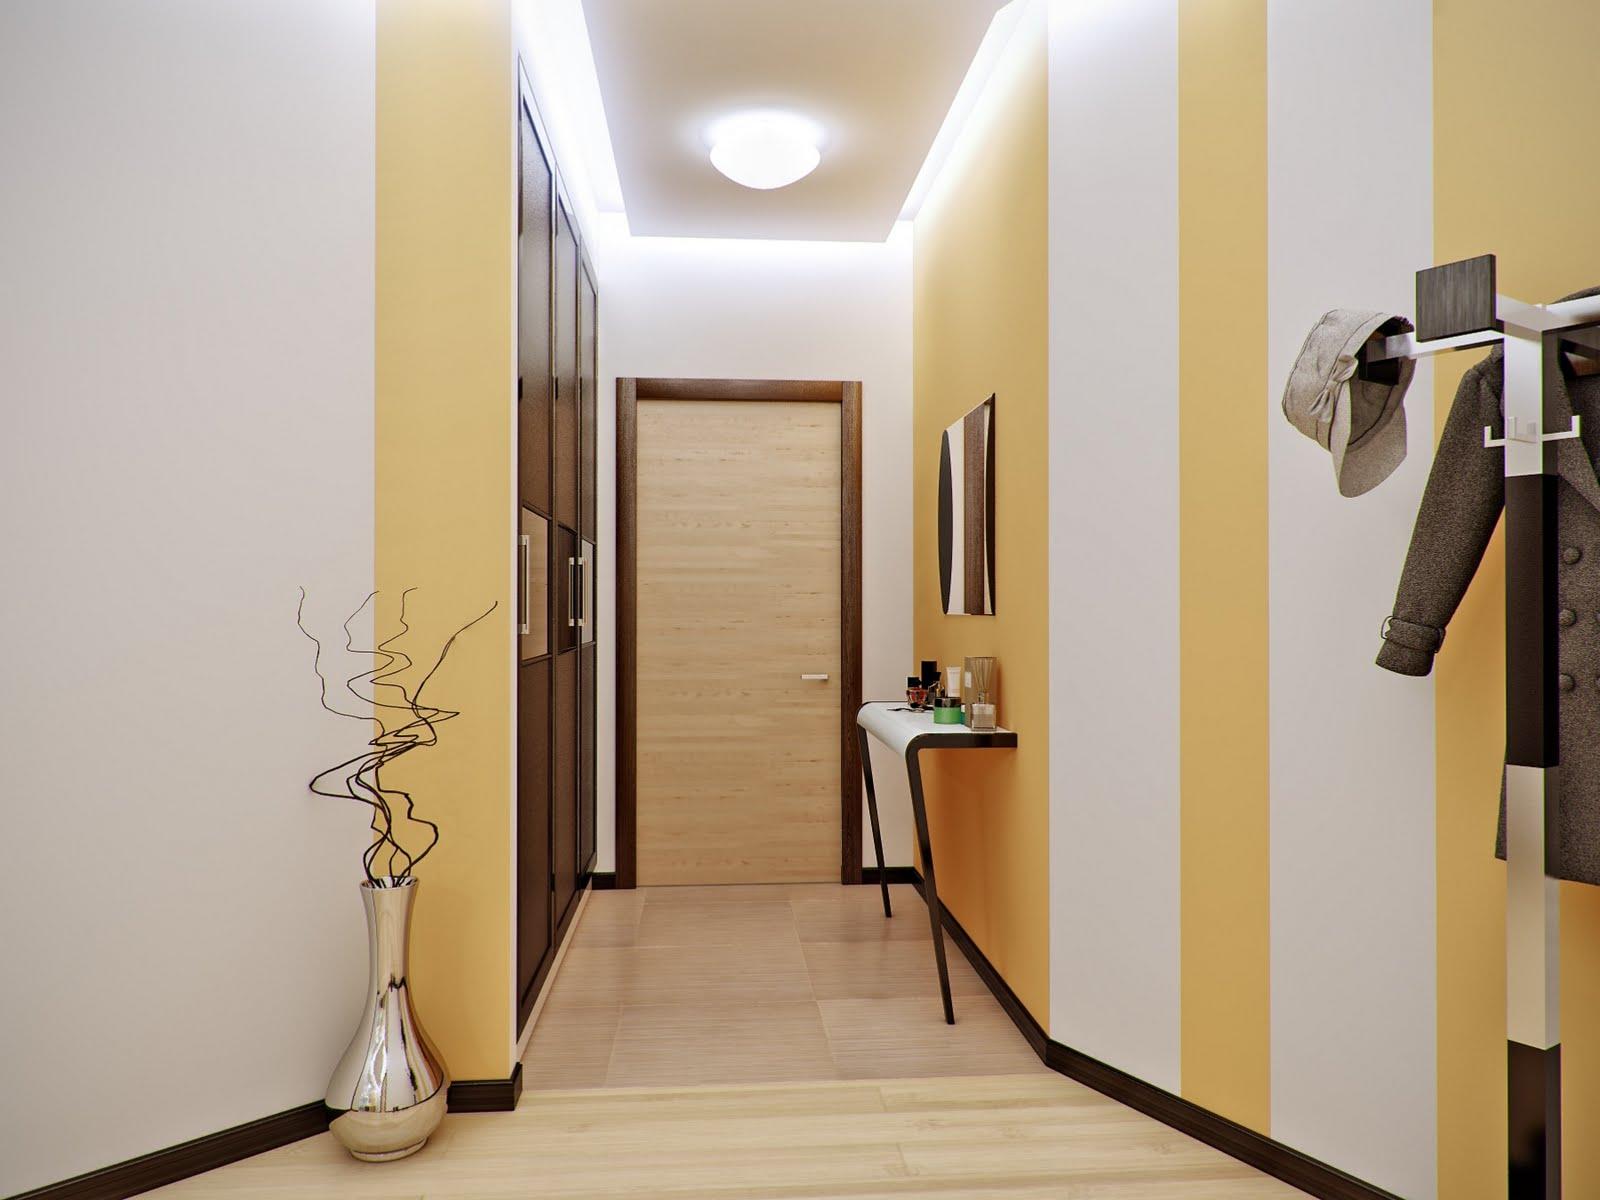 """""""рыскал"""", Оформление стены в коридоре квартиры Все будет"""